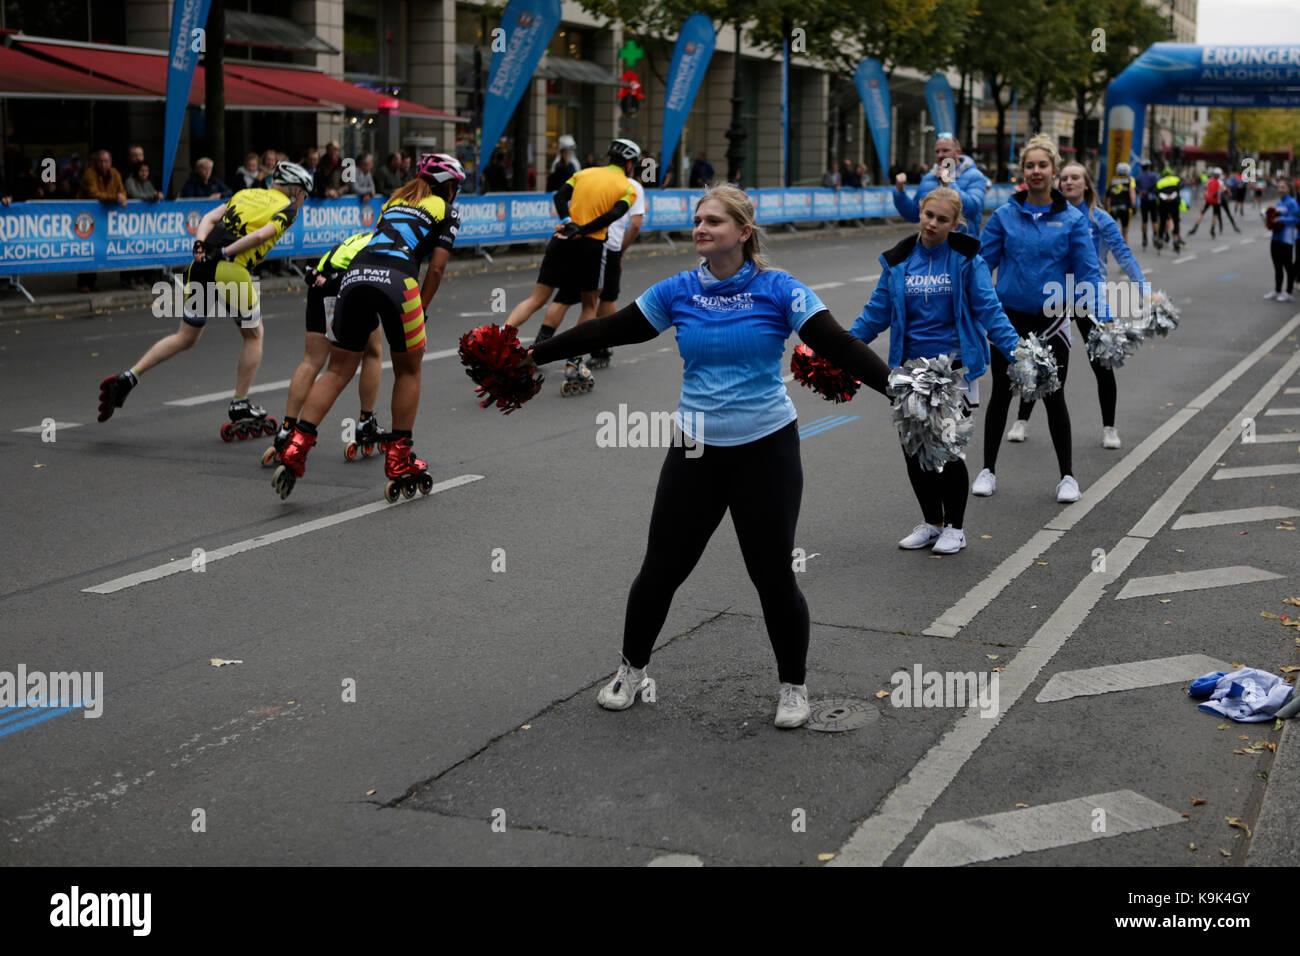 Berlín, Alemania. El 23 de septiembre de 2017. porristas animar a los patinadores en el último kilómetro de la carrera. Más de 5.500 skater tomó parte en la maratón de Berlín de 2017, BMW de carrera de patinaje en línea, un día antes de la carrera de maratón. Bart swings de Bélgica ganó la carrera en 58:42 para el quinto año en una fila. Crédito: Michael debets/alamy live news Foto de stock